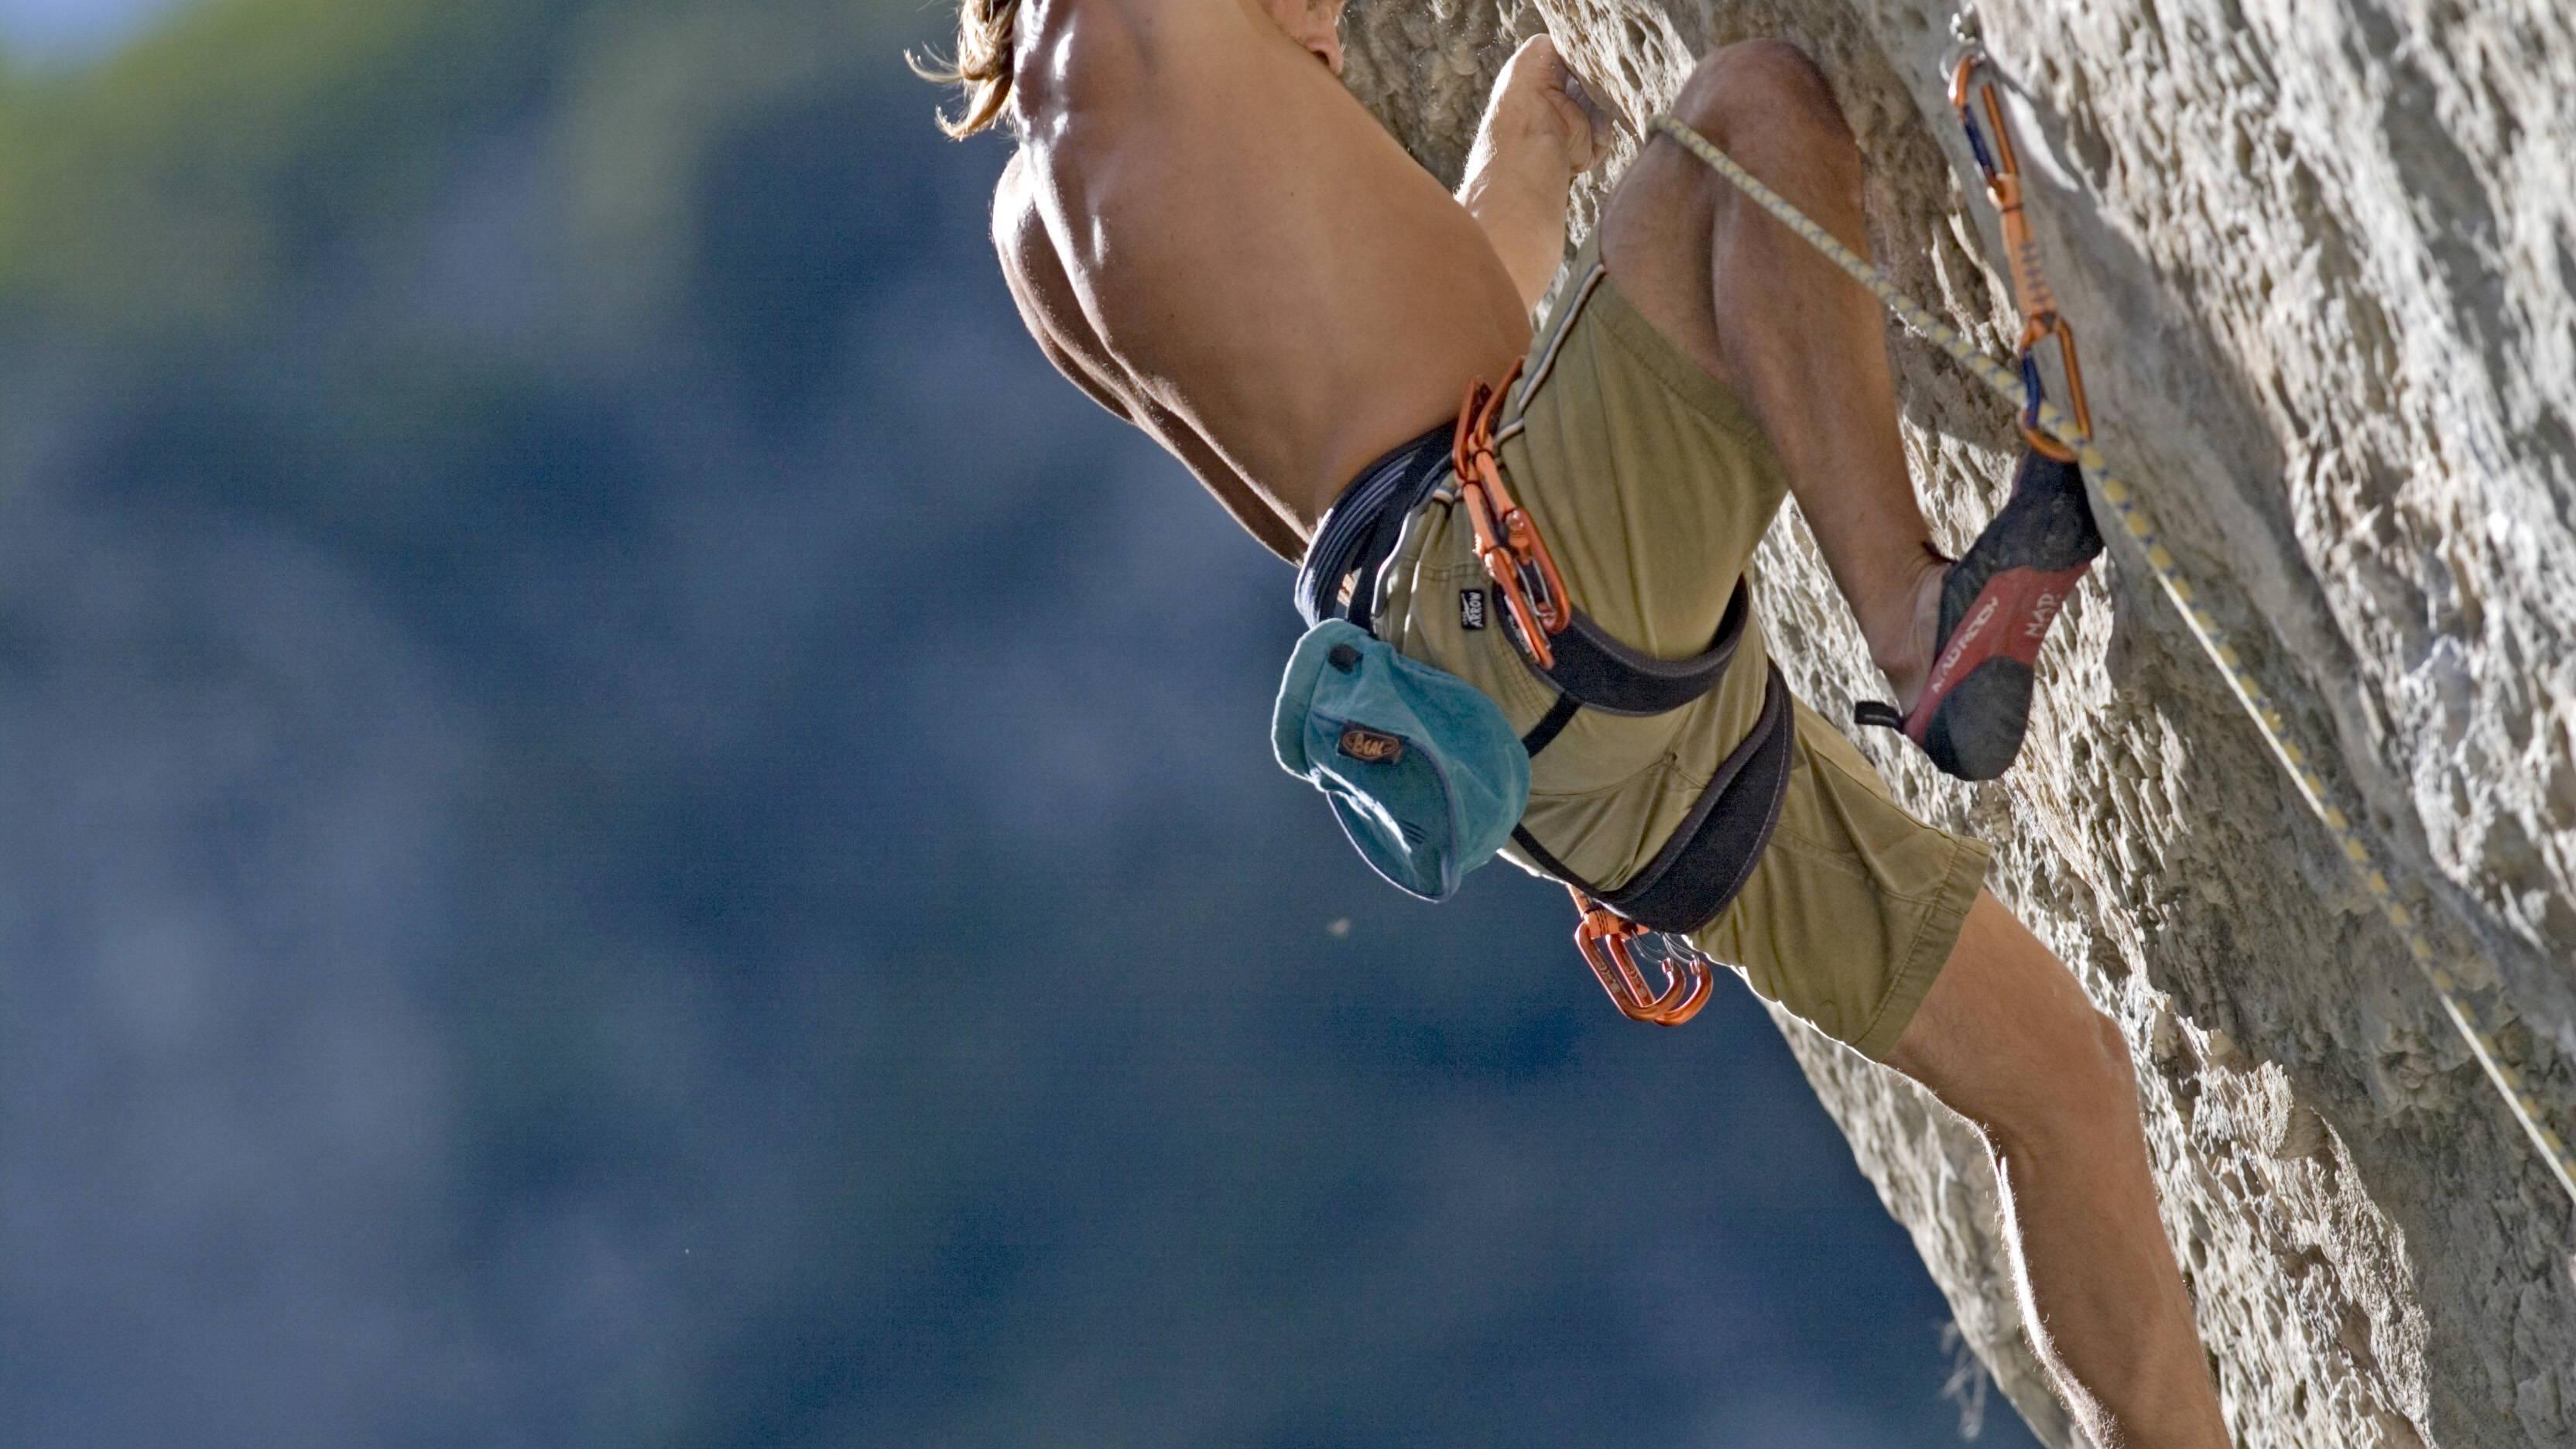 Klettern erfordert anders als Bouldern ein langes Sicherheitstraining.